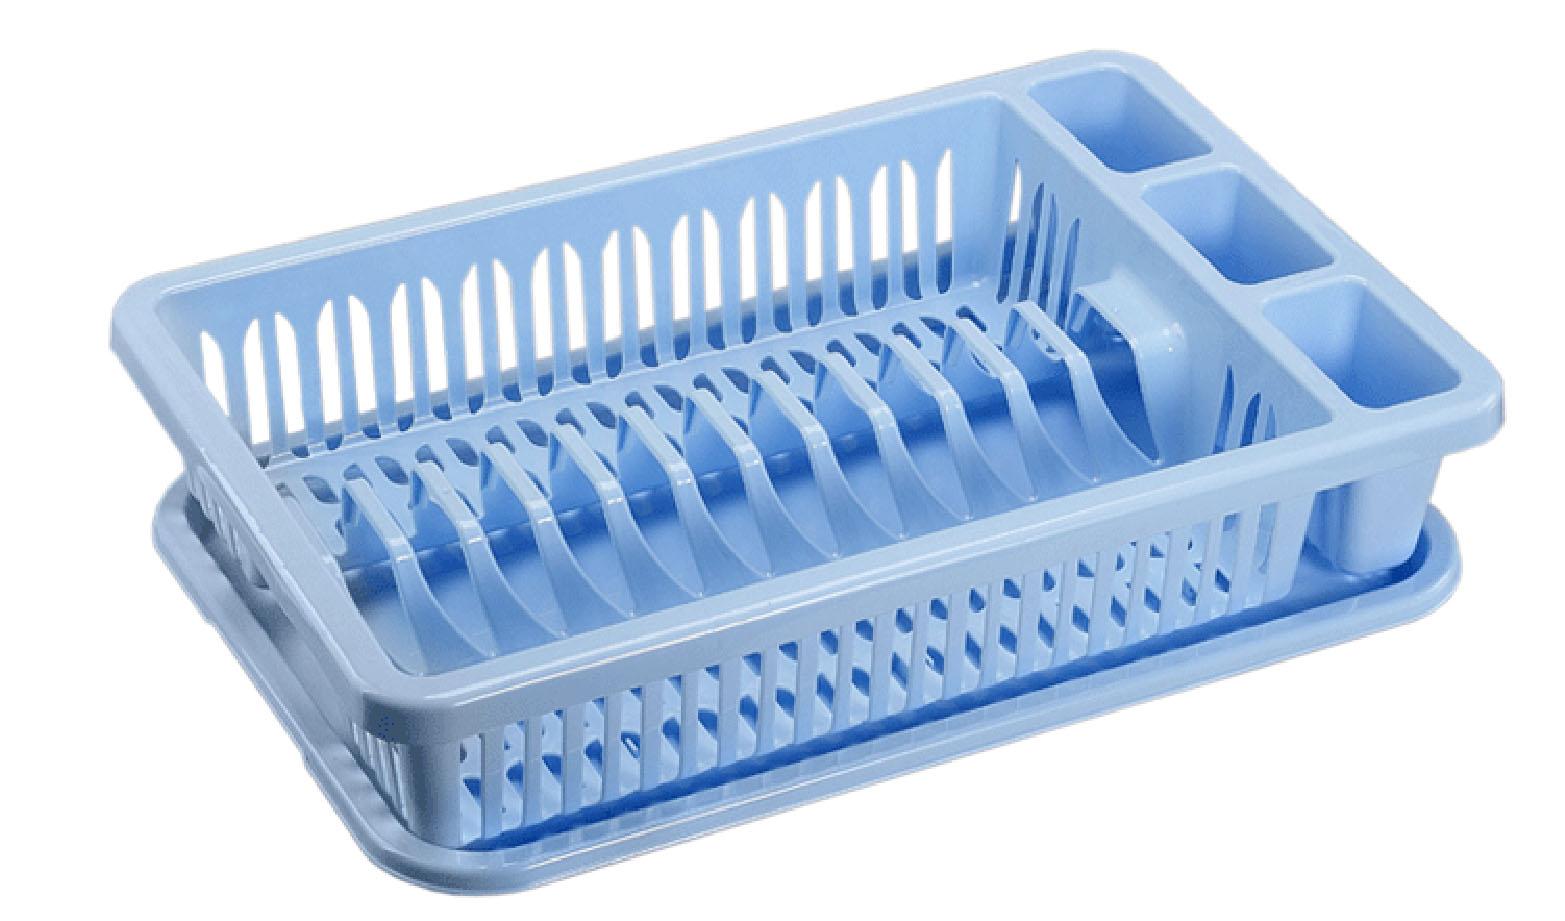 Сушилка для посуды Idea, с поддоном, цвет: голубой, 43 х 28 х 9 смМ 1174Сушилка Idea, выполненная из прочного пластика, представляет собой решетку с ячейками, в которые помещается посуда: тарелки, кружки, ложки, ножи. Изделие оснащено пластиковым поддоном для стекания воды. Сушилку можно установить в любом удобном месте. На ней можно разместить большое количество предметов. Вместительные размеры и оригинальный дизайн выделяют эту сушку из ряда подобных. Размер сушилки: 43 х 28 х 9 см. Размер поддона: 42 х 28 х 1,8 см.